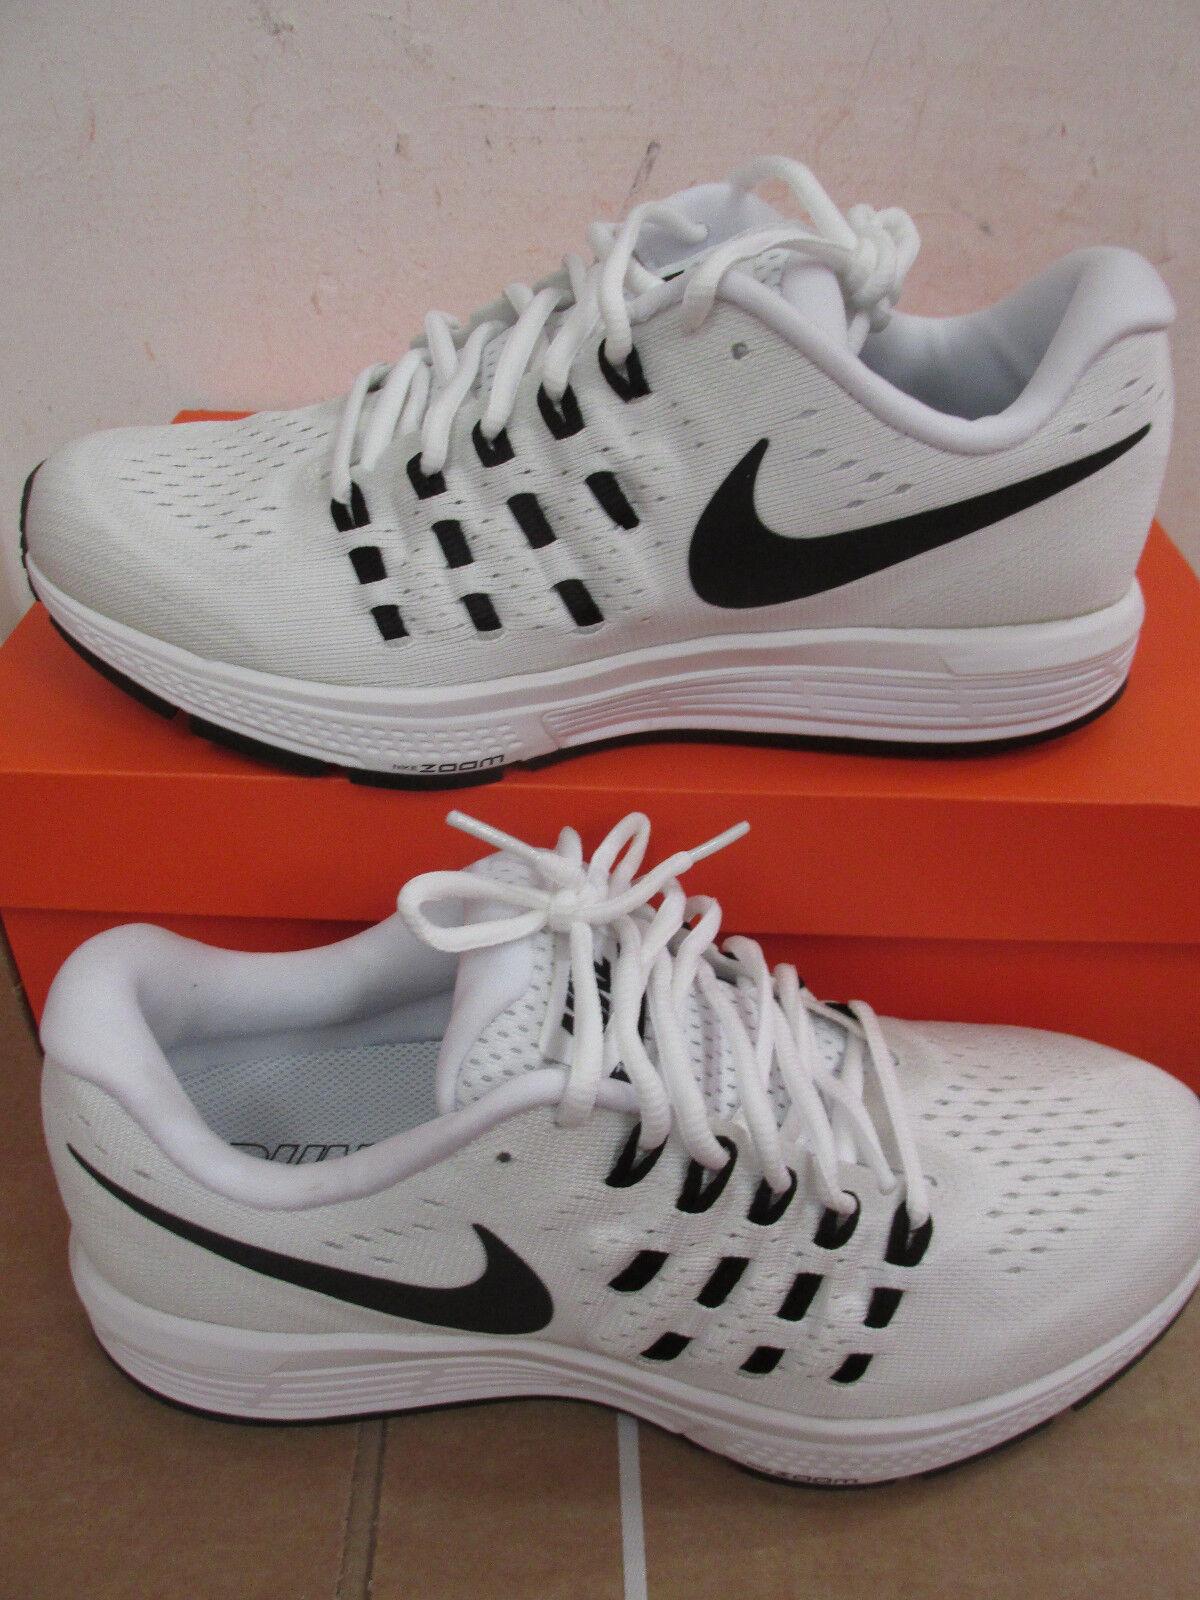 on sale c30c2 571db vomero 11 ct de de de nike air zoom habilitation formateurs 838646 100 chaussures  chaussures d2562b